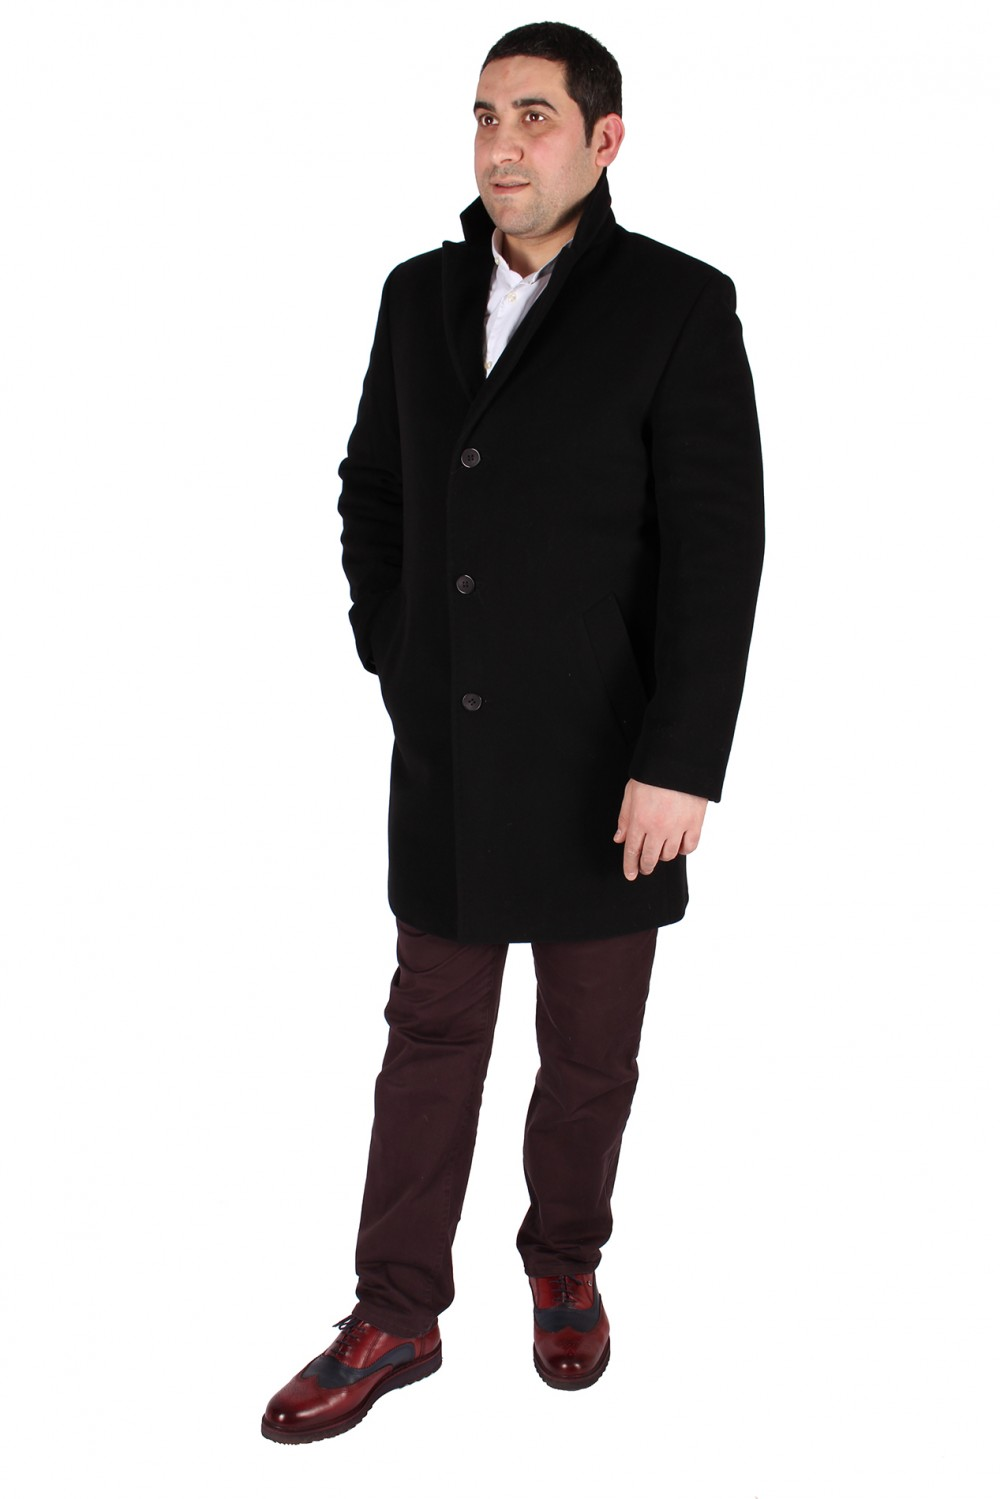 Купить оптом Пальто мужское черного цвета 16Ch в Челябинске